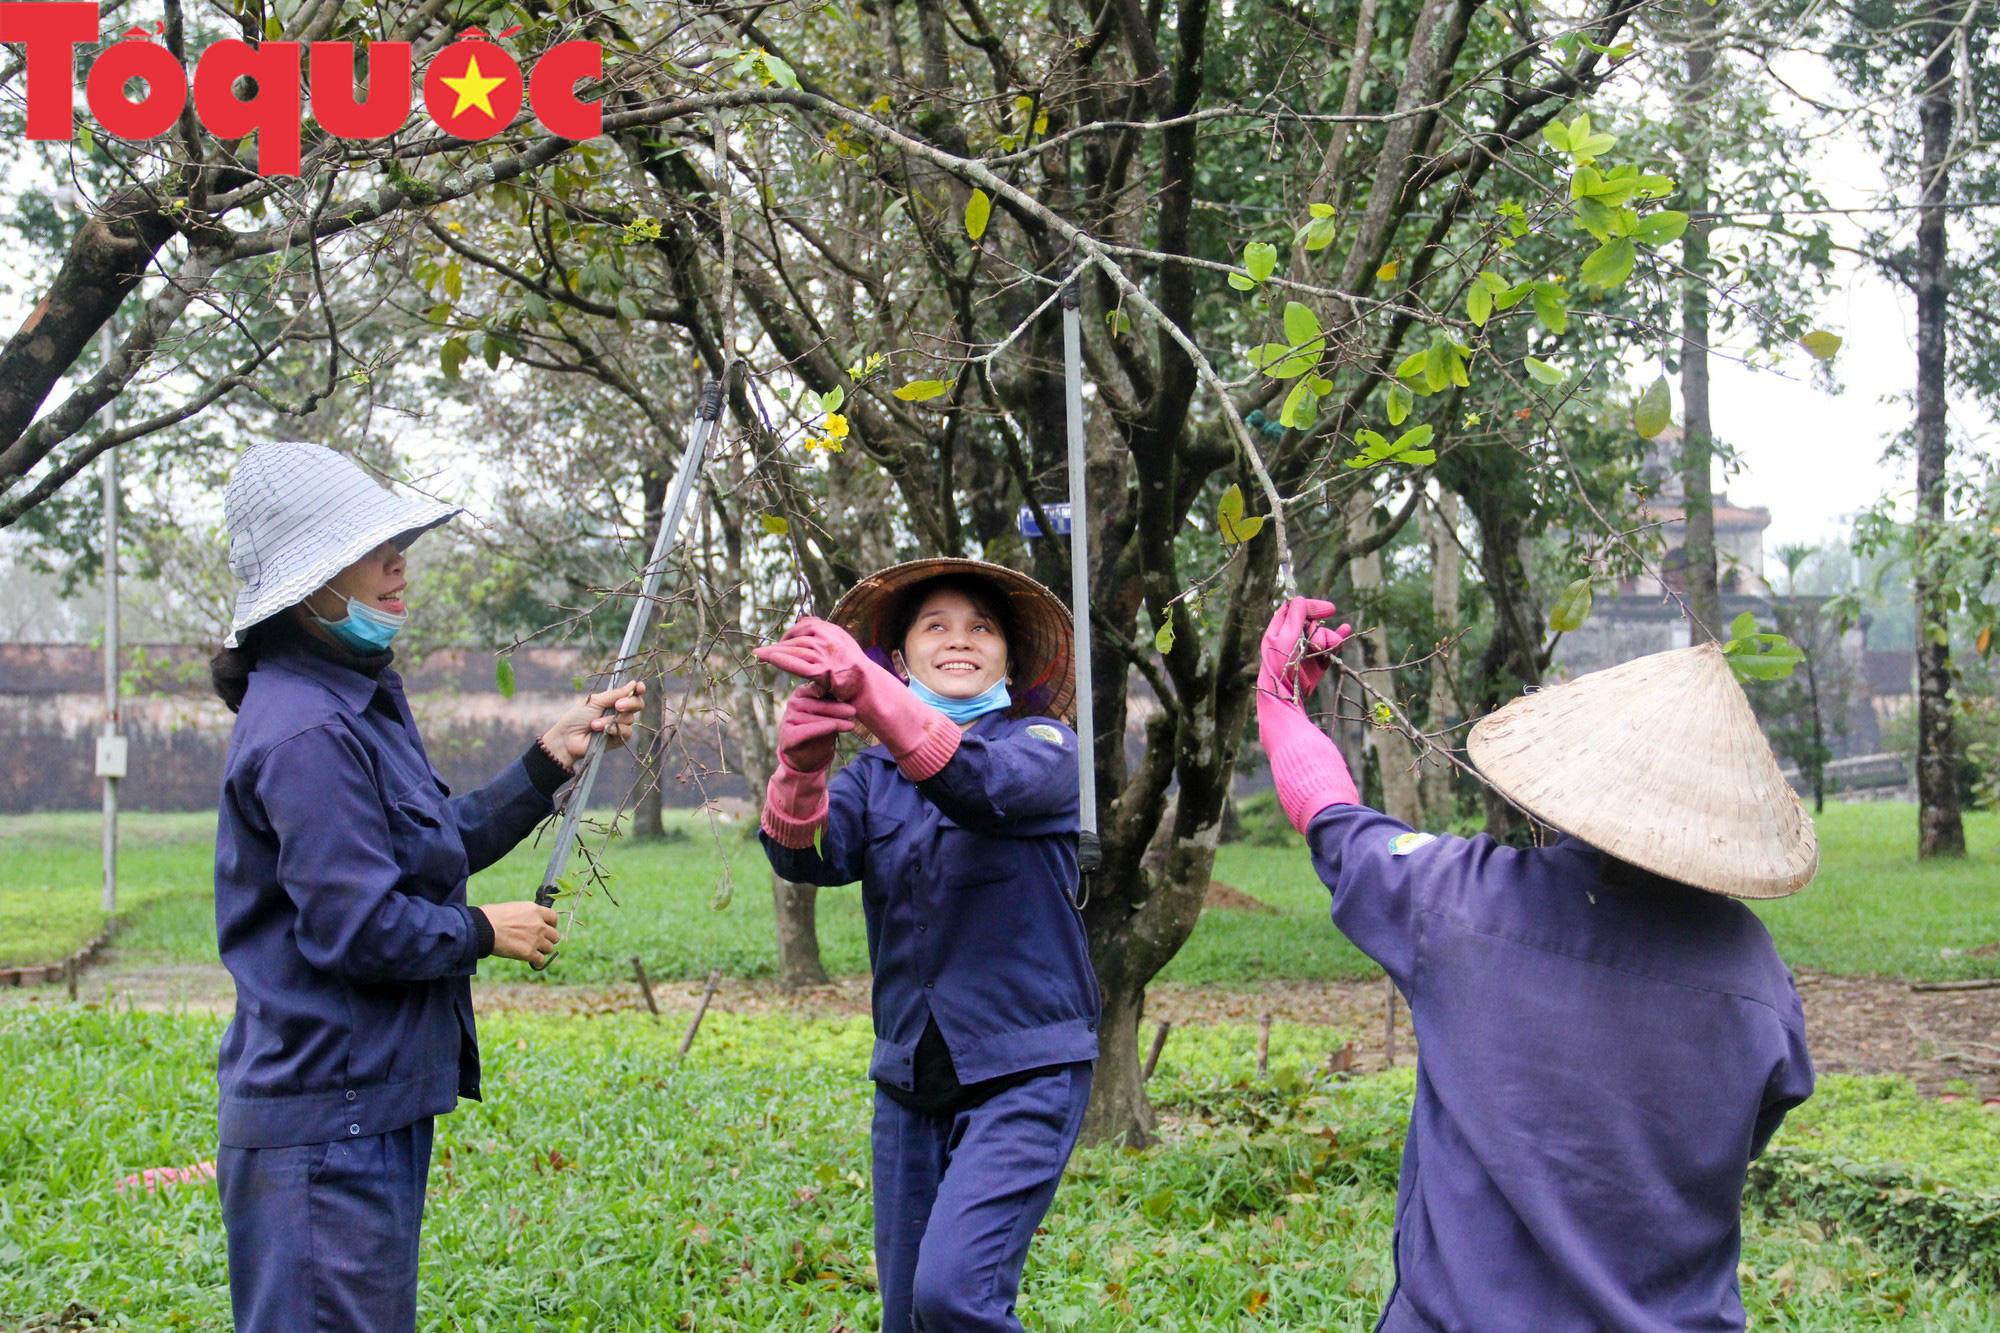 Công nhân nữ đội rét, đu mình trên cây chăm vườn mai khủng trước Kinh thành Huế - Ảnh 4.